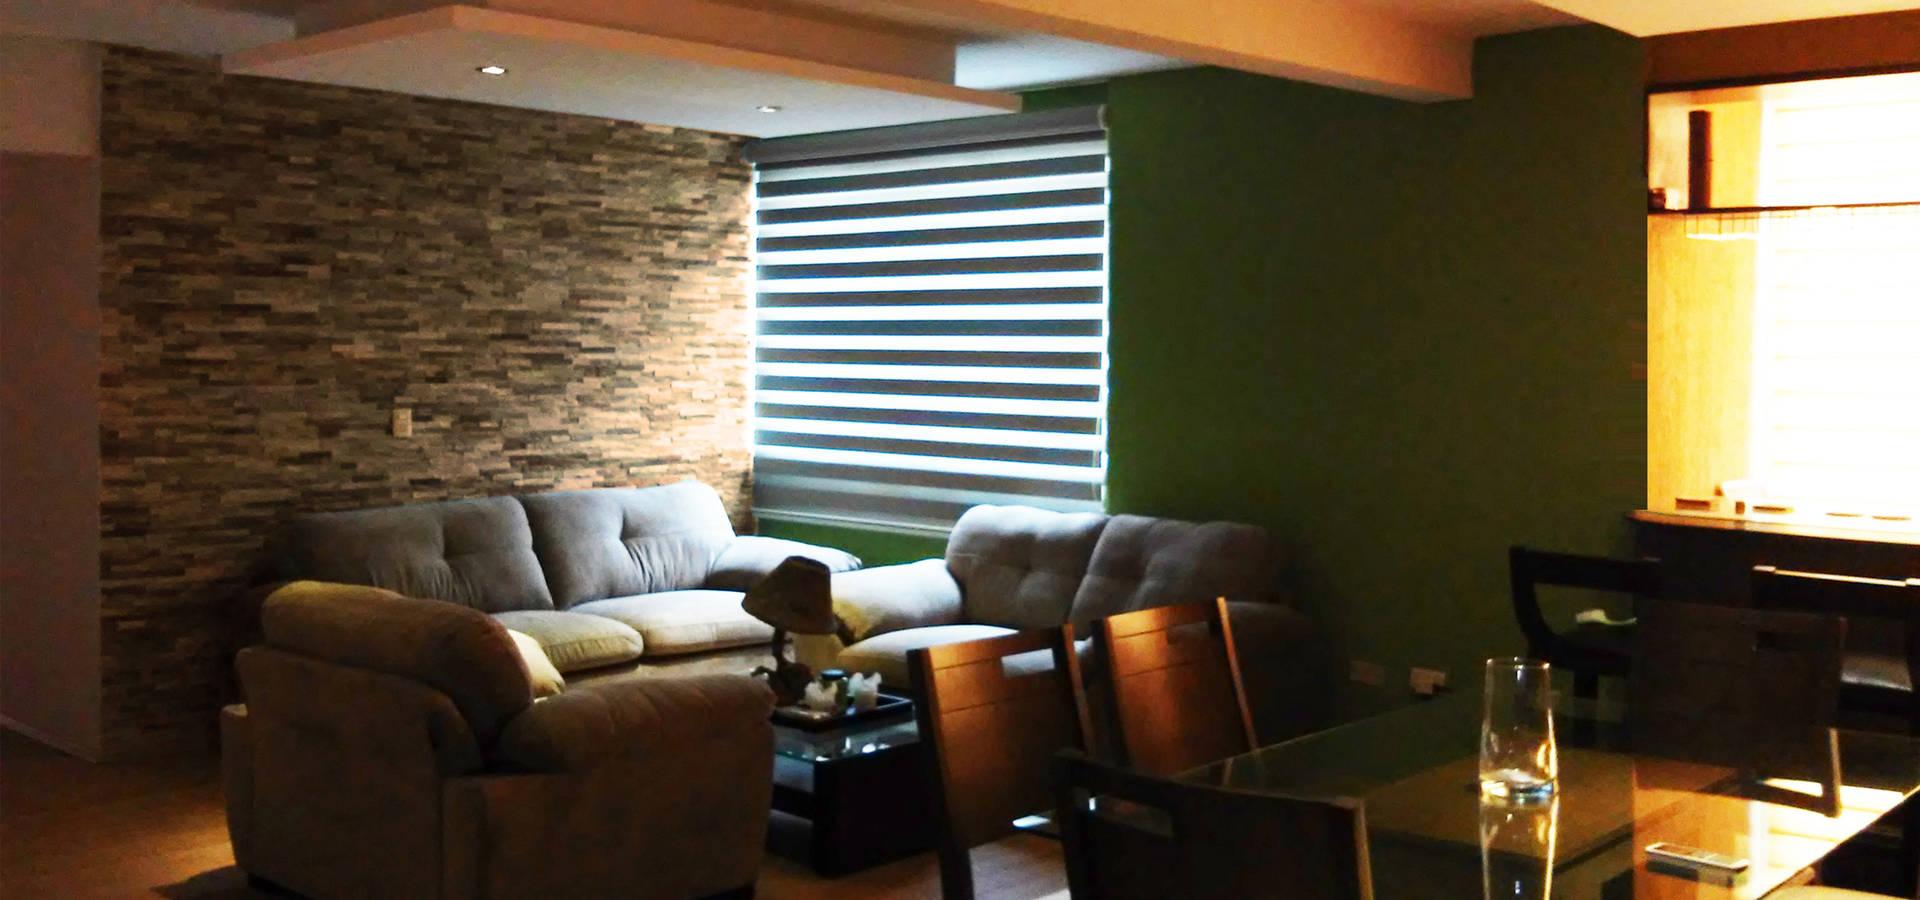 Claire Concepto Decoradores Y Dise Adores De Interiores En  # Muebles Departamentos Pequenos Df